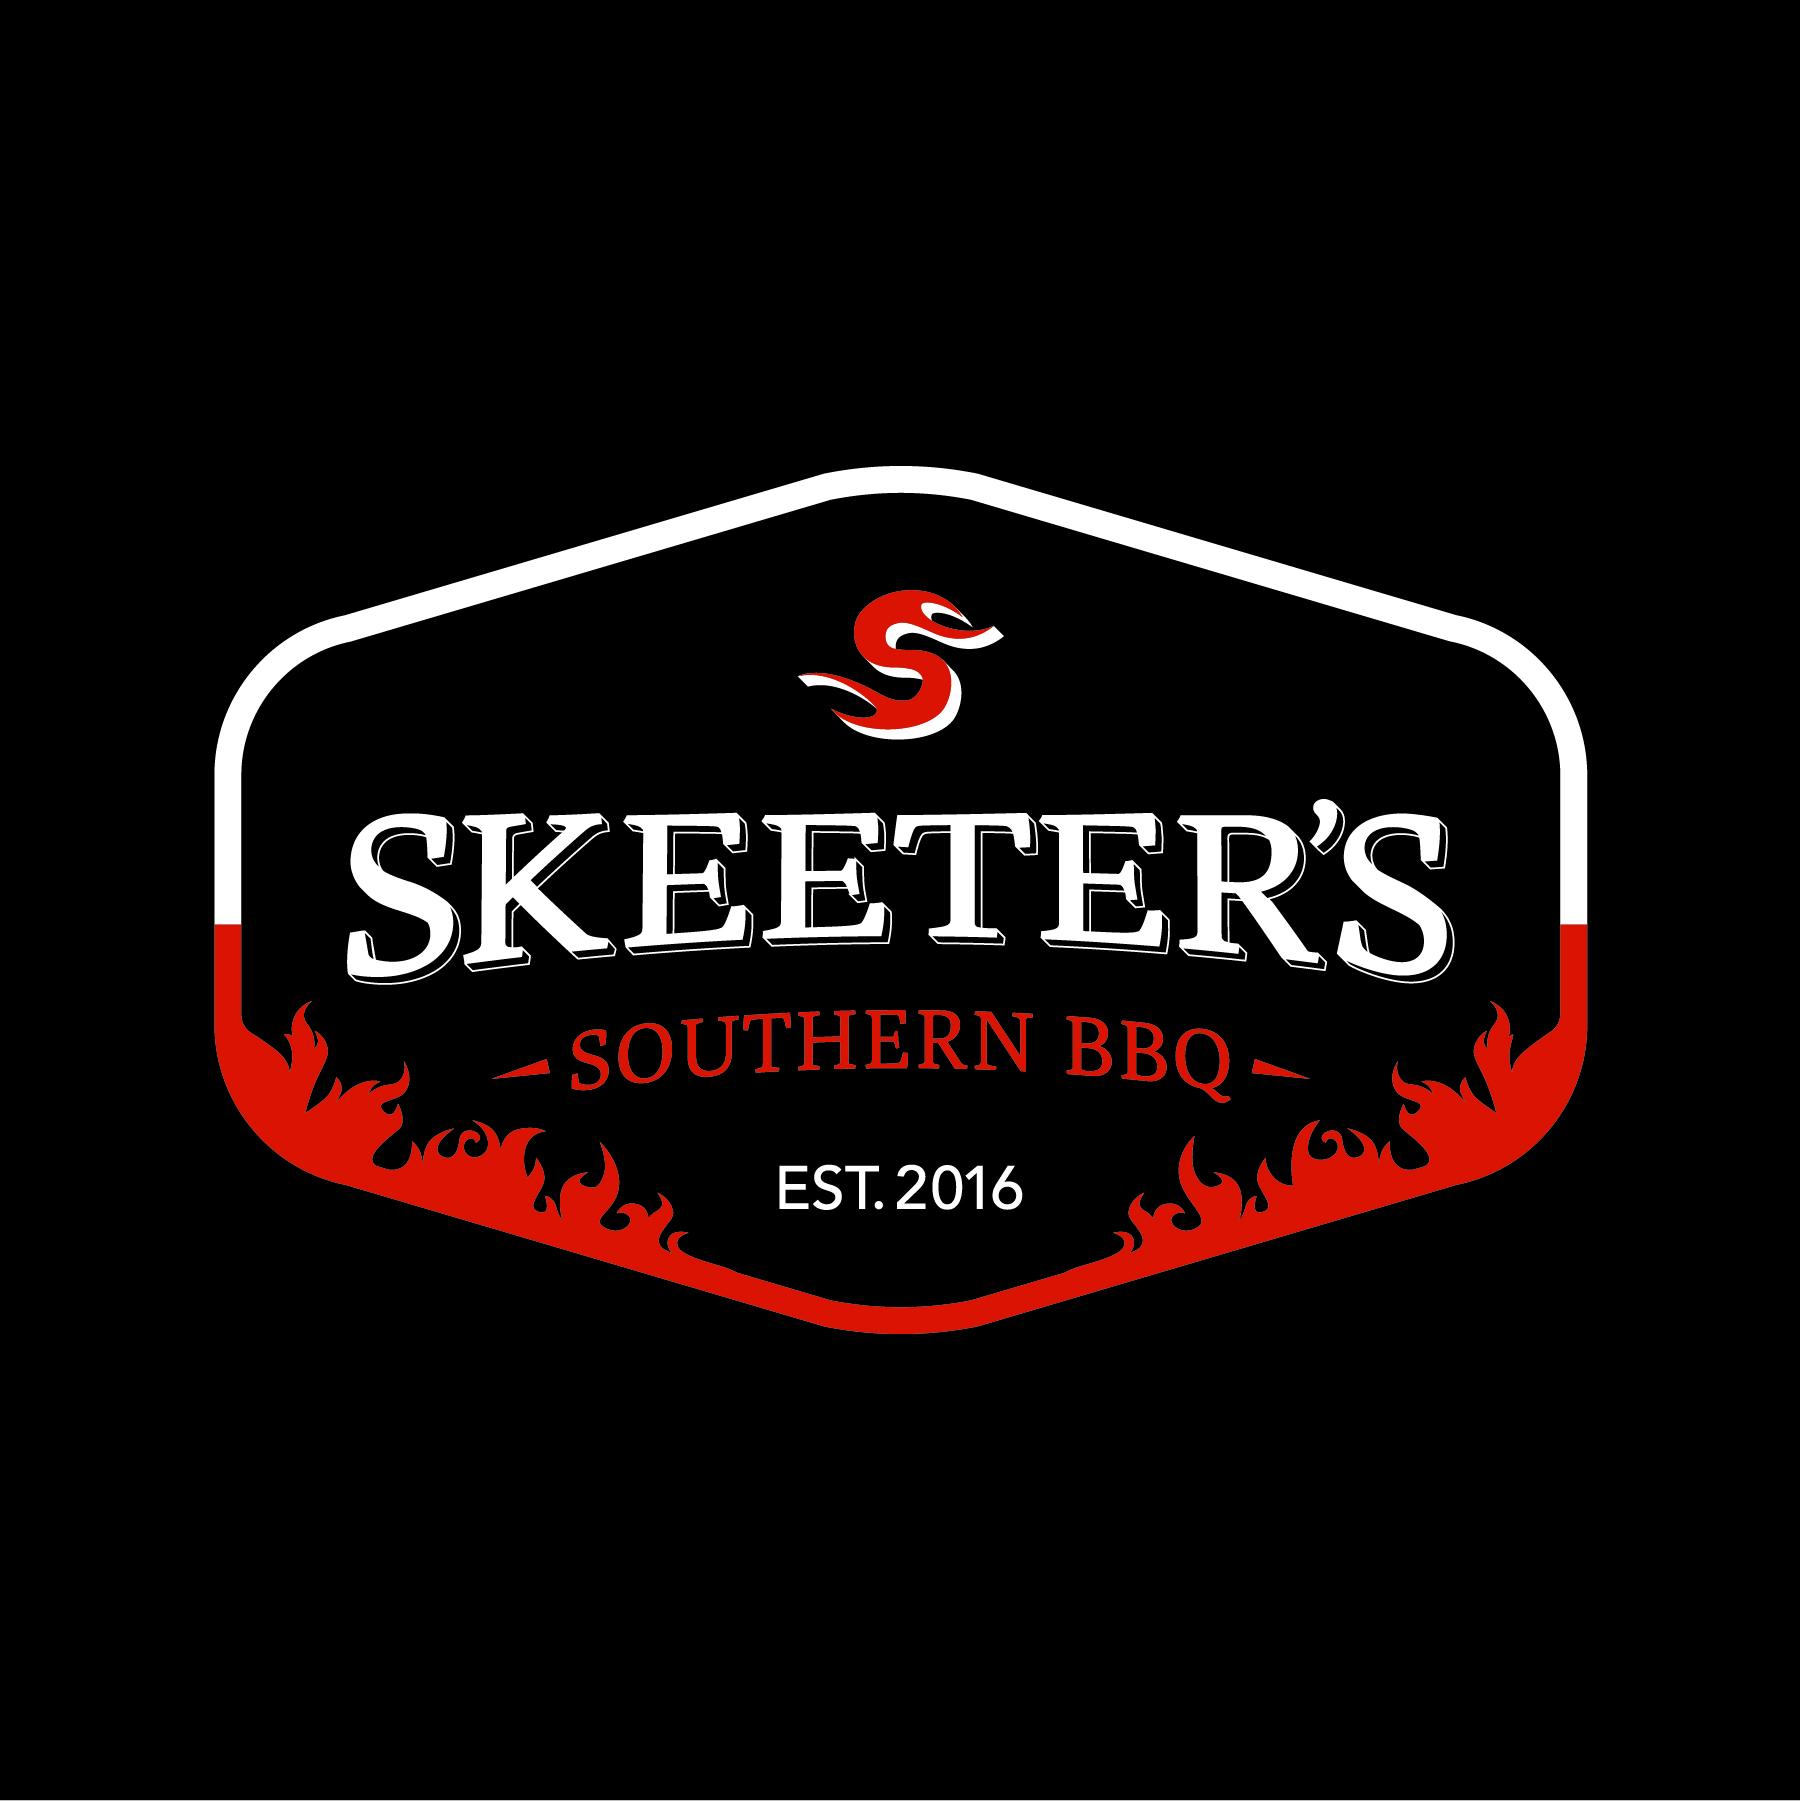 SKEETERS-01.jpg